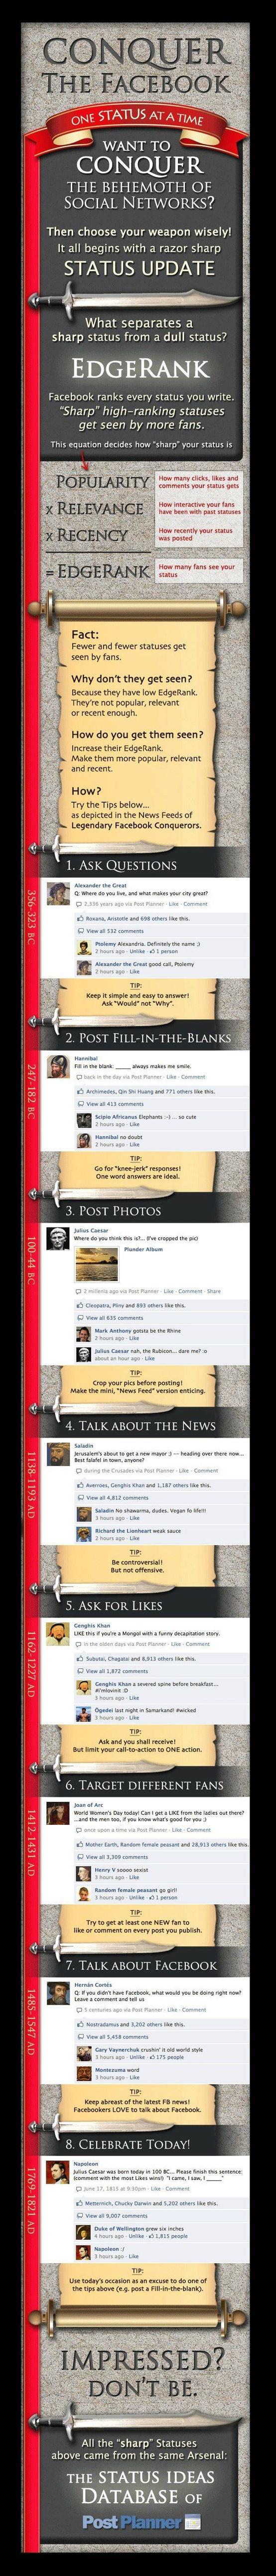 Tips to Hog Limelight on Facebook